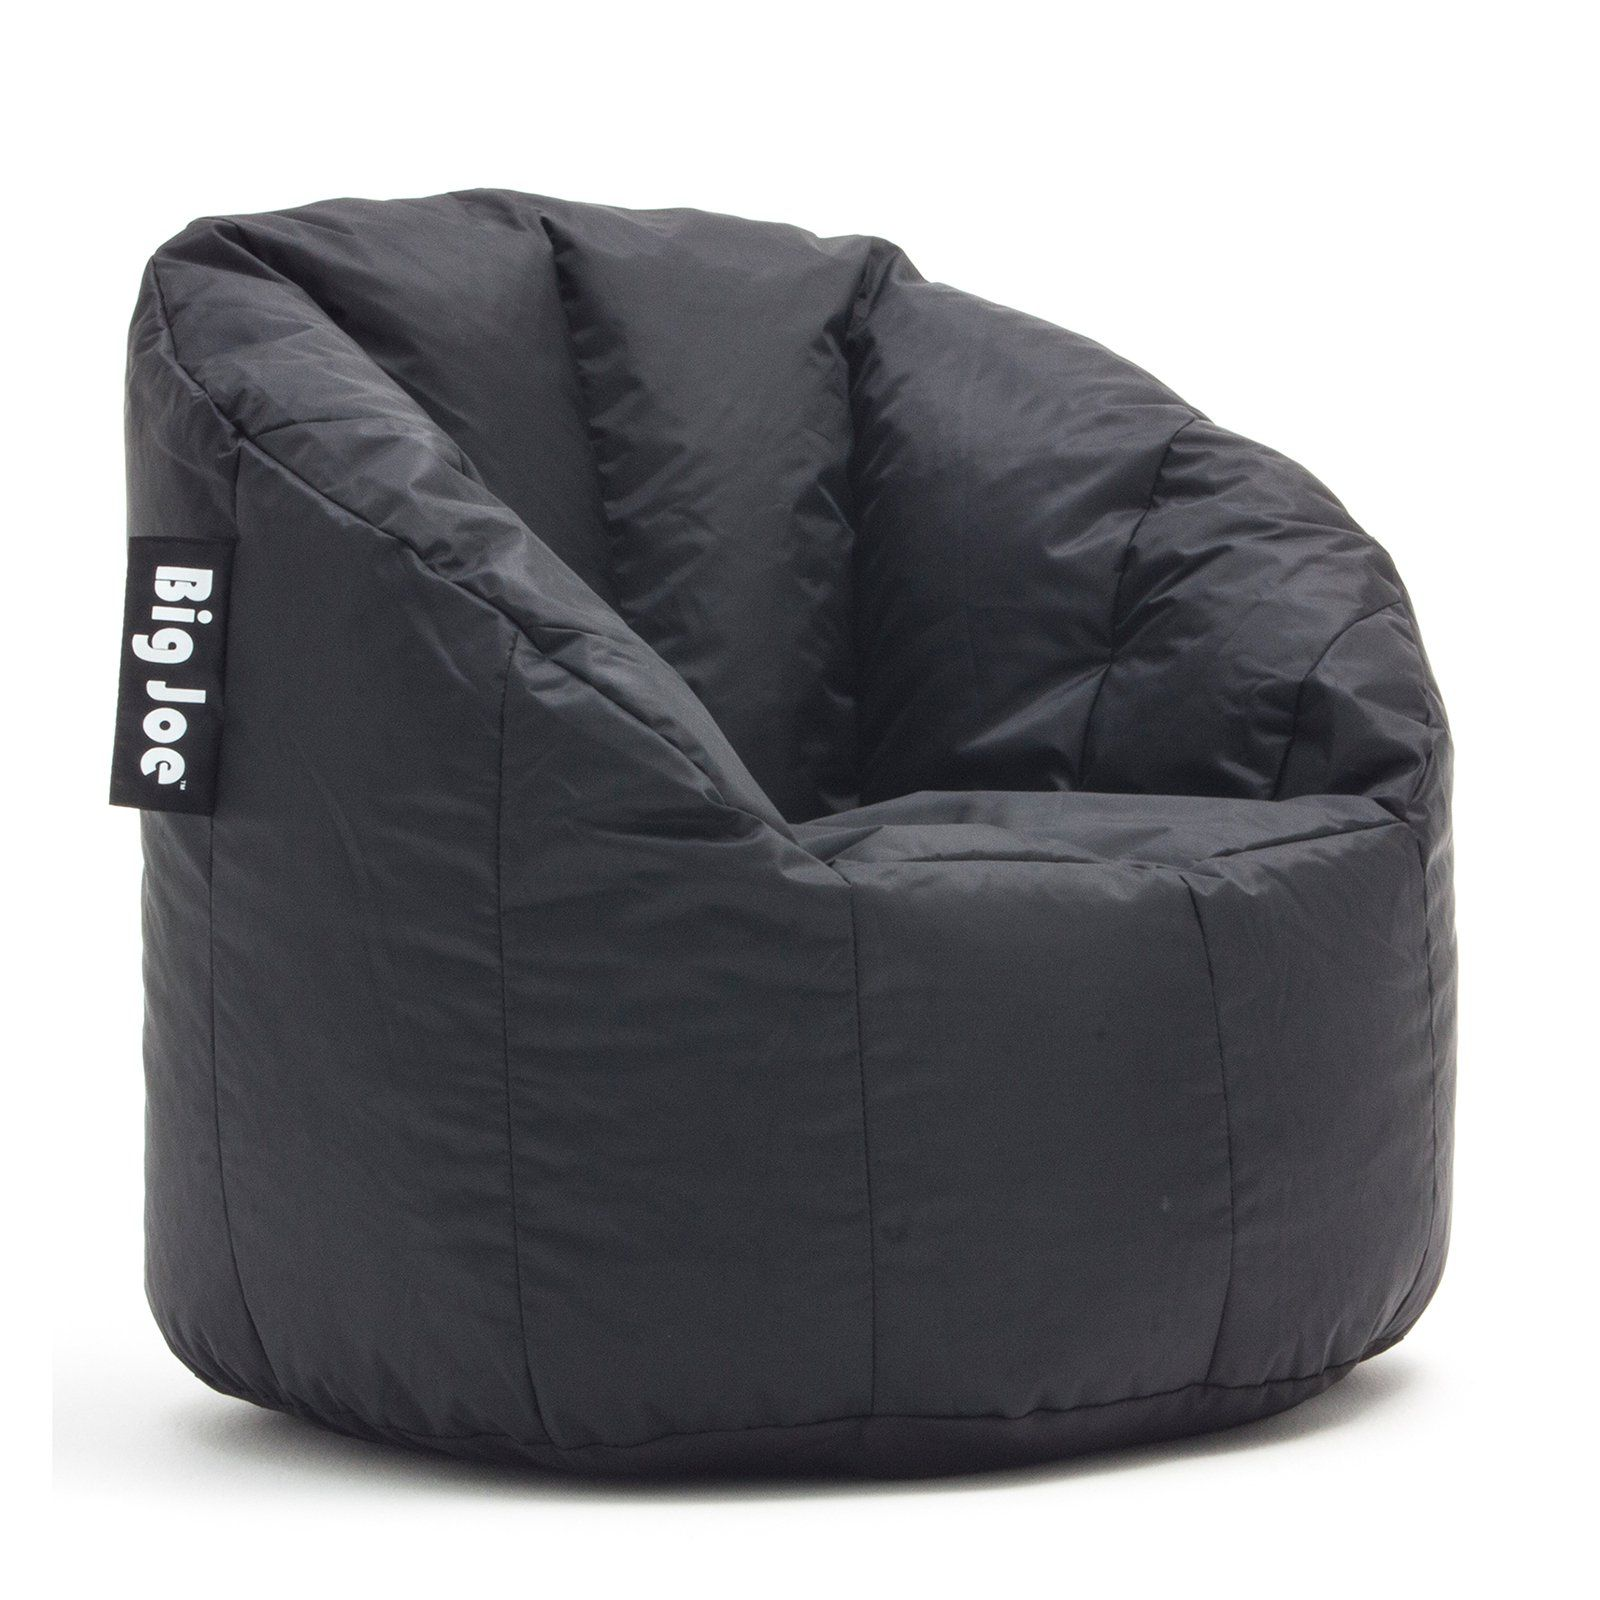 Big Joe Milano Bean Bag Chair Sapphire in 2020 Bean bag